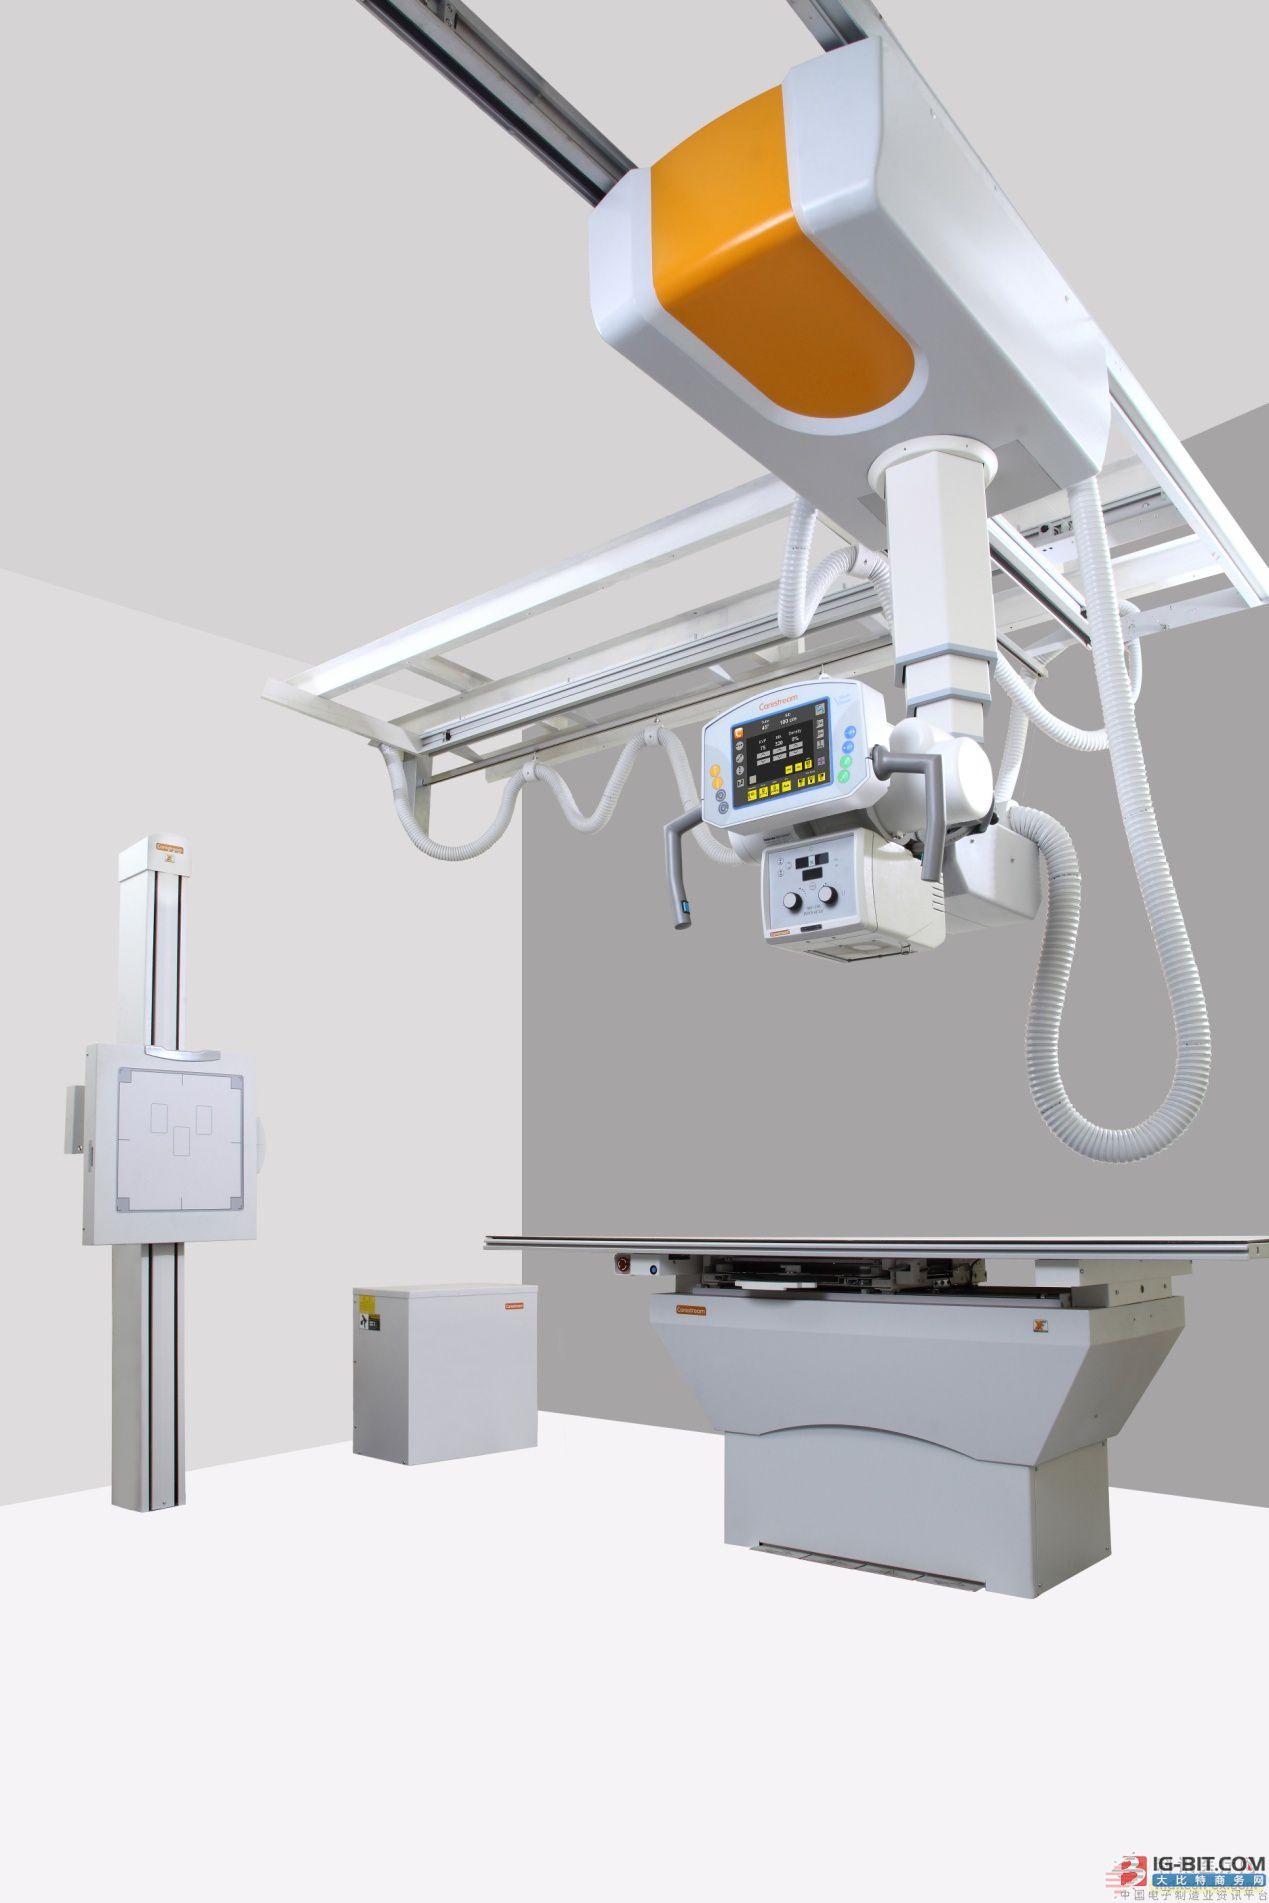 锐珂CARESTRAM DRX数字X射线摄影成像解决方案 随着人口老龄化趋势和社会大众对自身健康的日益关注,医疗市场需求增长十分迅猛,放射科往往承担着医院诸多项目检查,工作量大、患者流动性强。如何让有限数量的医疗设备发挥最大价值,满足日益增长的医疗需求,为患者提供高质量的诊断服务,是中国广大医疗机构的管理者一直以来思考和探索的问题。 锐珂所有数字 X 光系统都具有可兼容、可扩展的特性,为满足客户当今需求以至未来的增长提供空间。DRX探测器可以与多台X光房DRX设备或移动DRX系统相匹配,利用可配置化的模